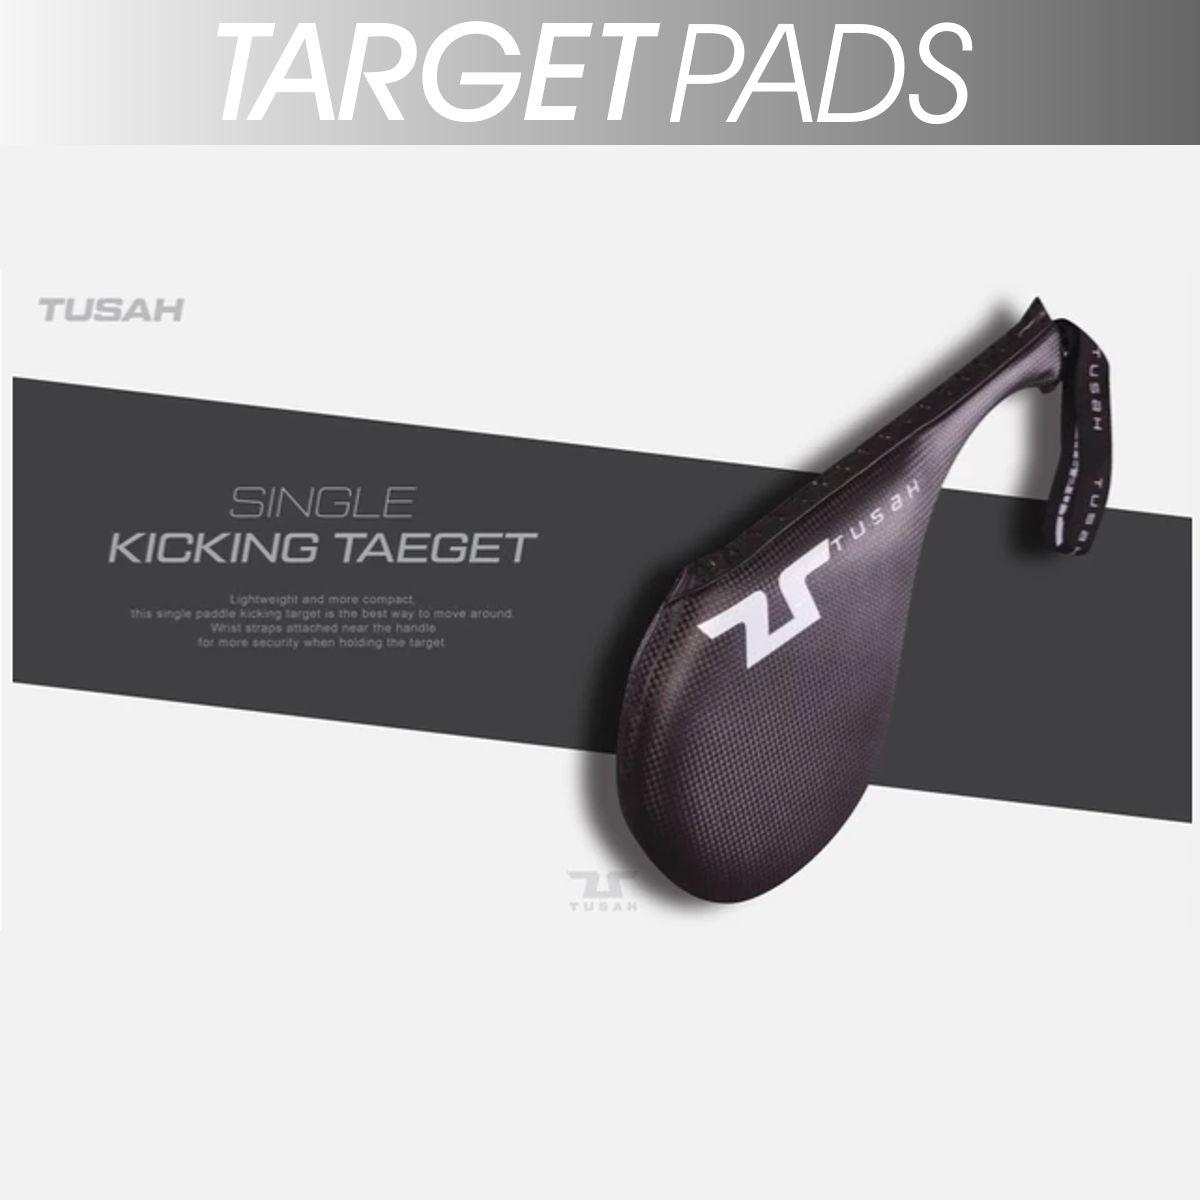 TARGET PADS